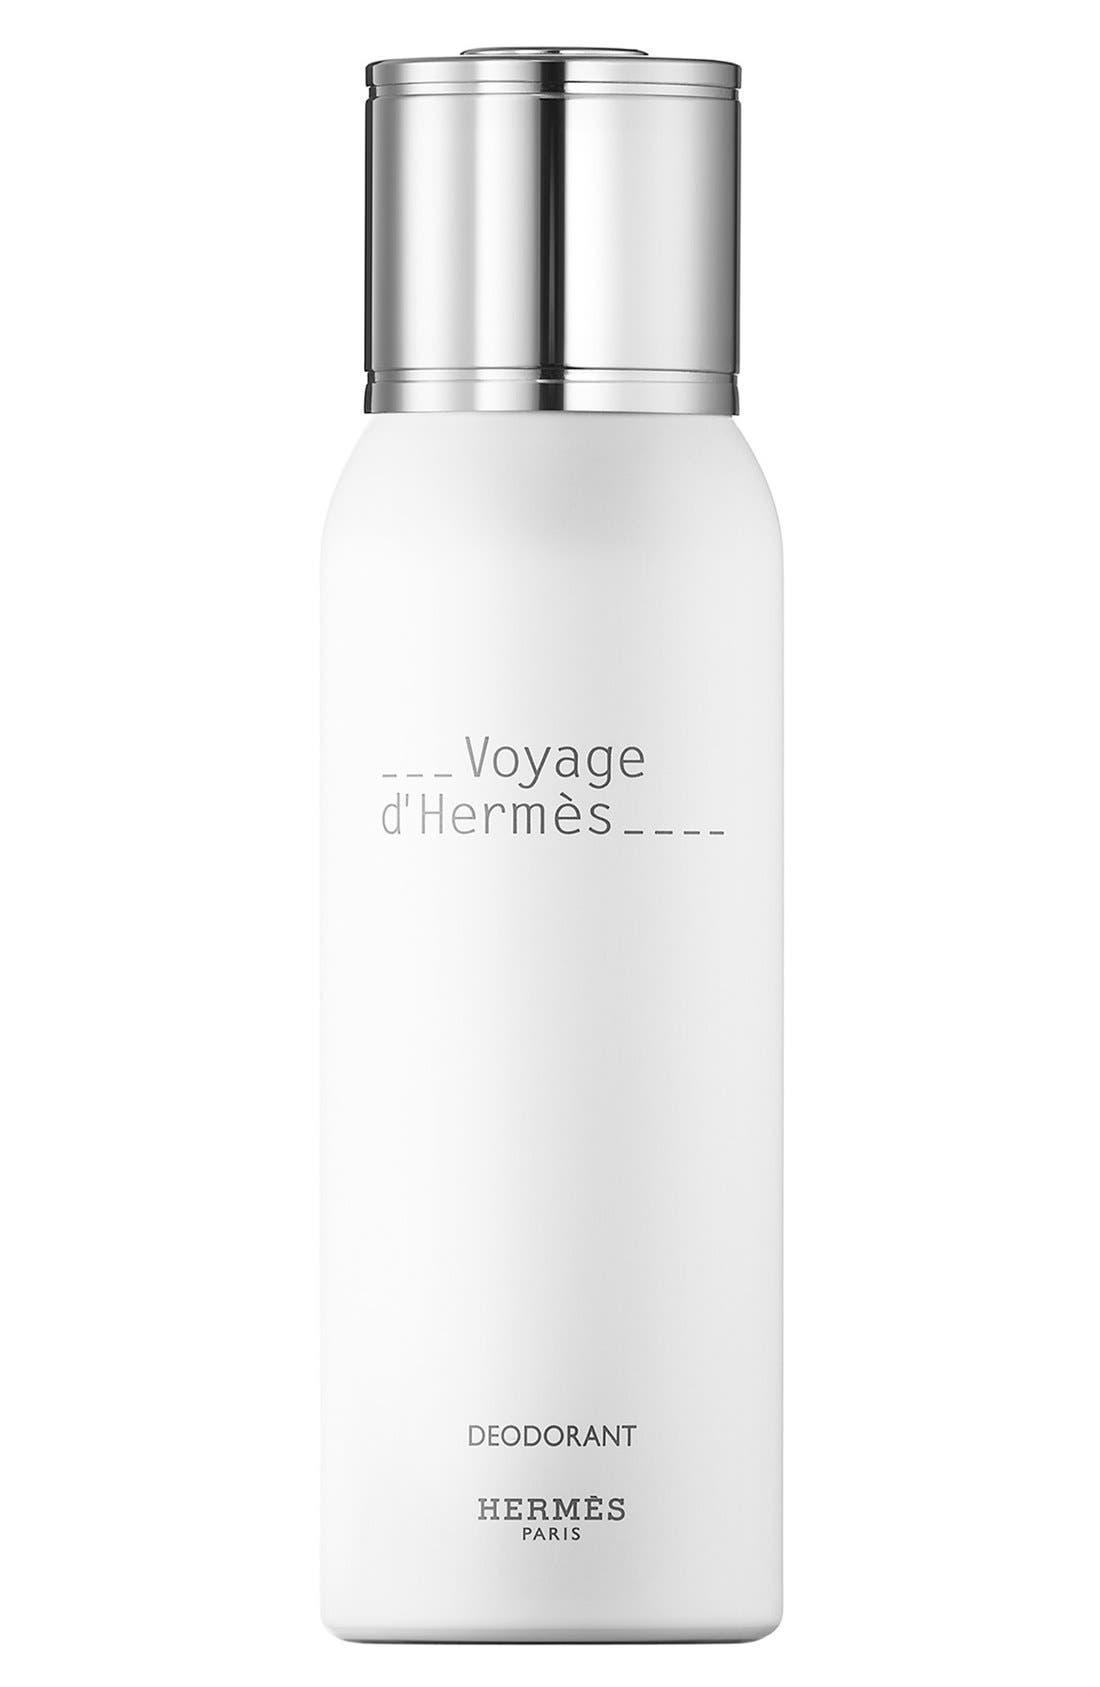 Hermès Voyage d'Hermès - Deodorant natural spray